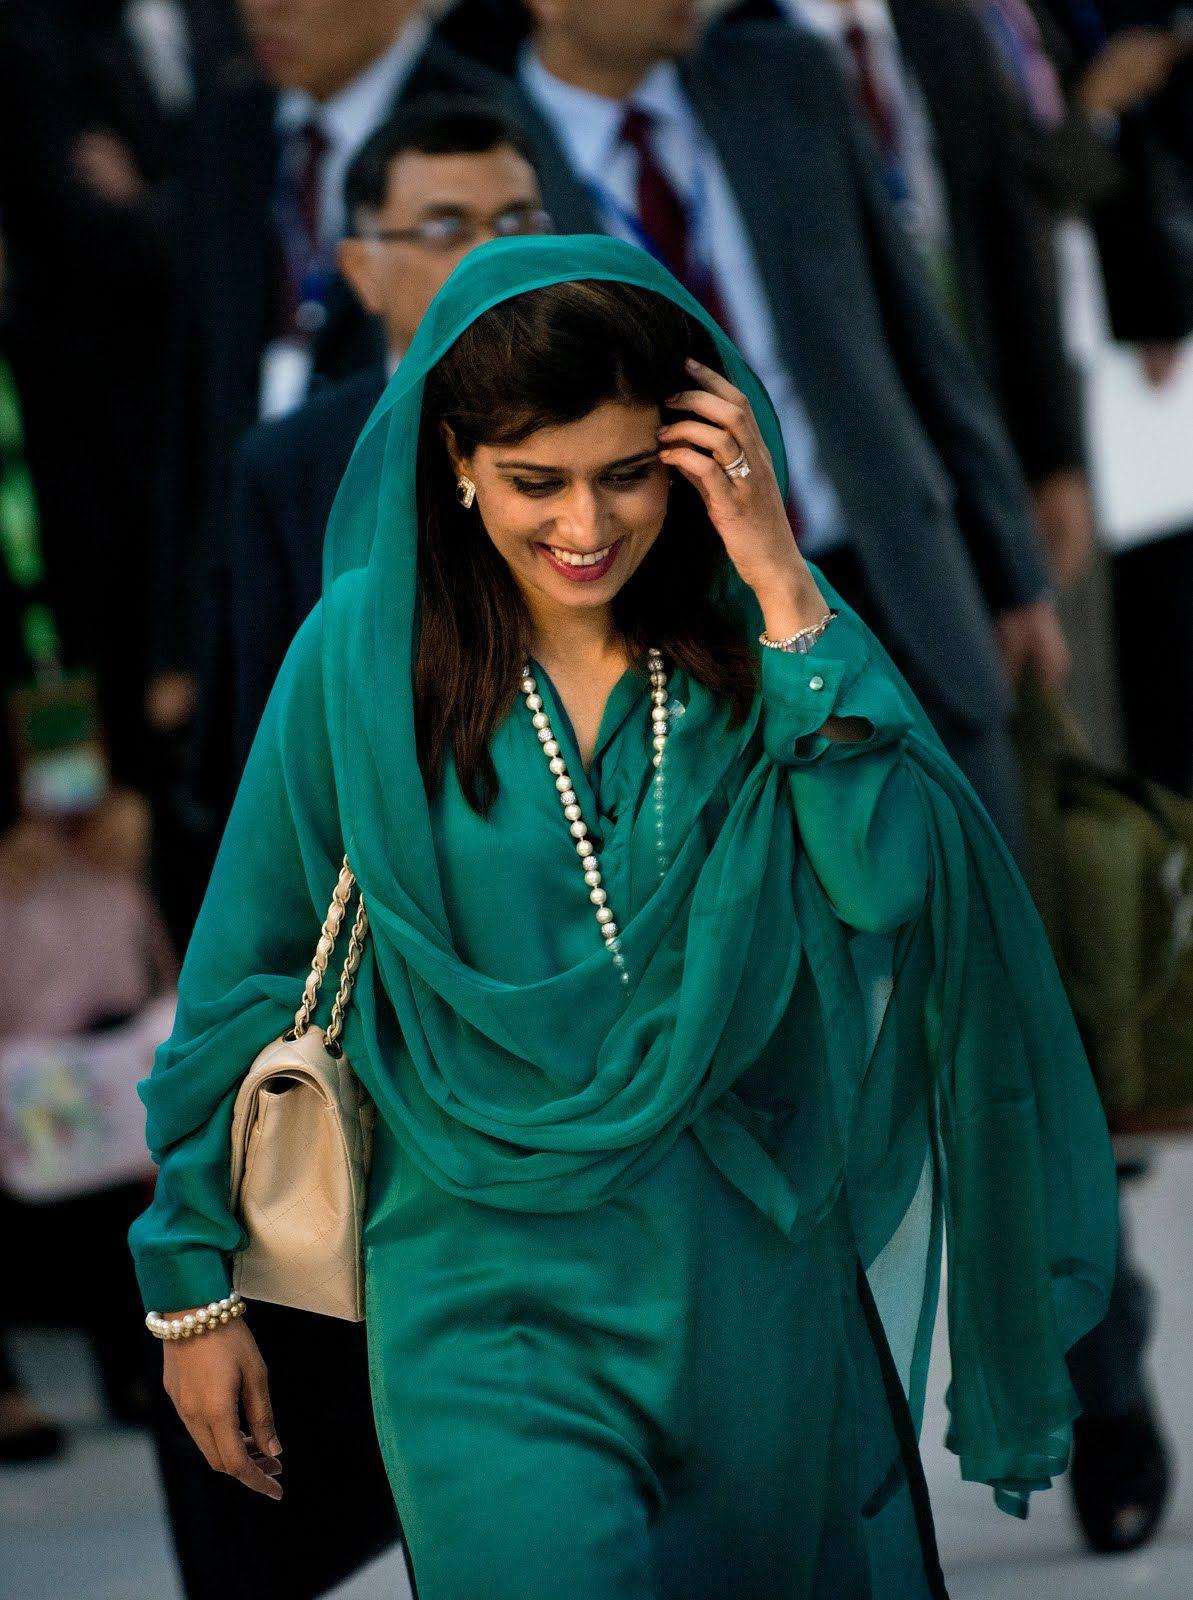 Islamabad girl marium - 1 10